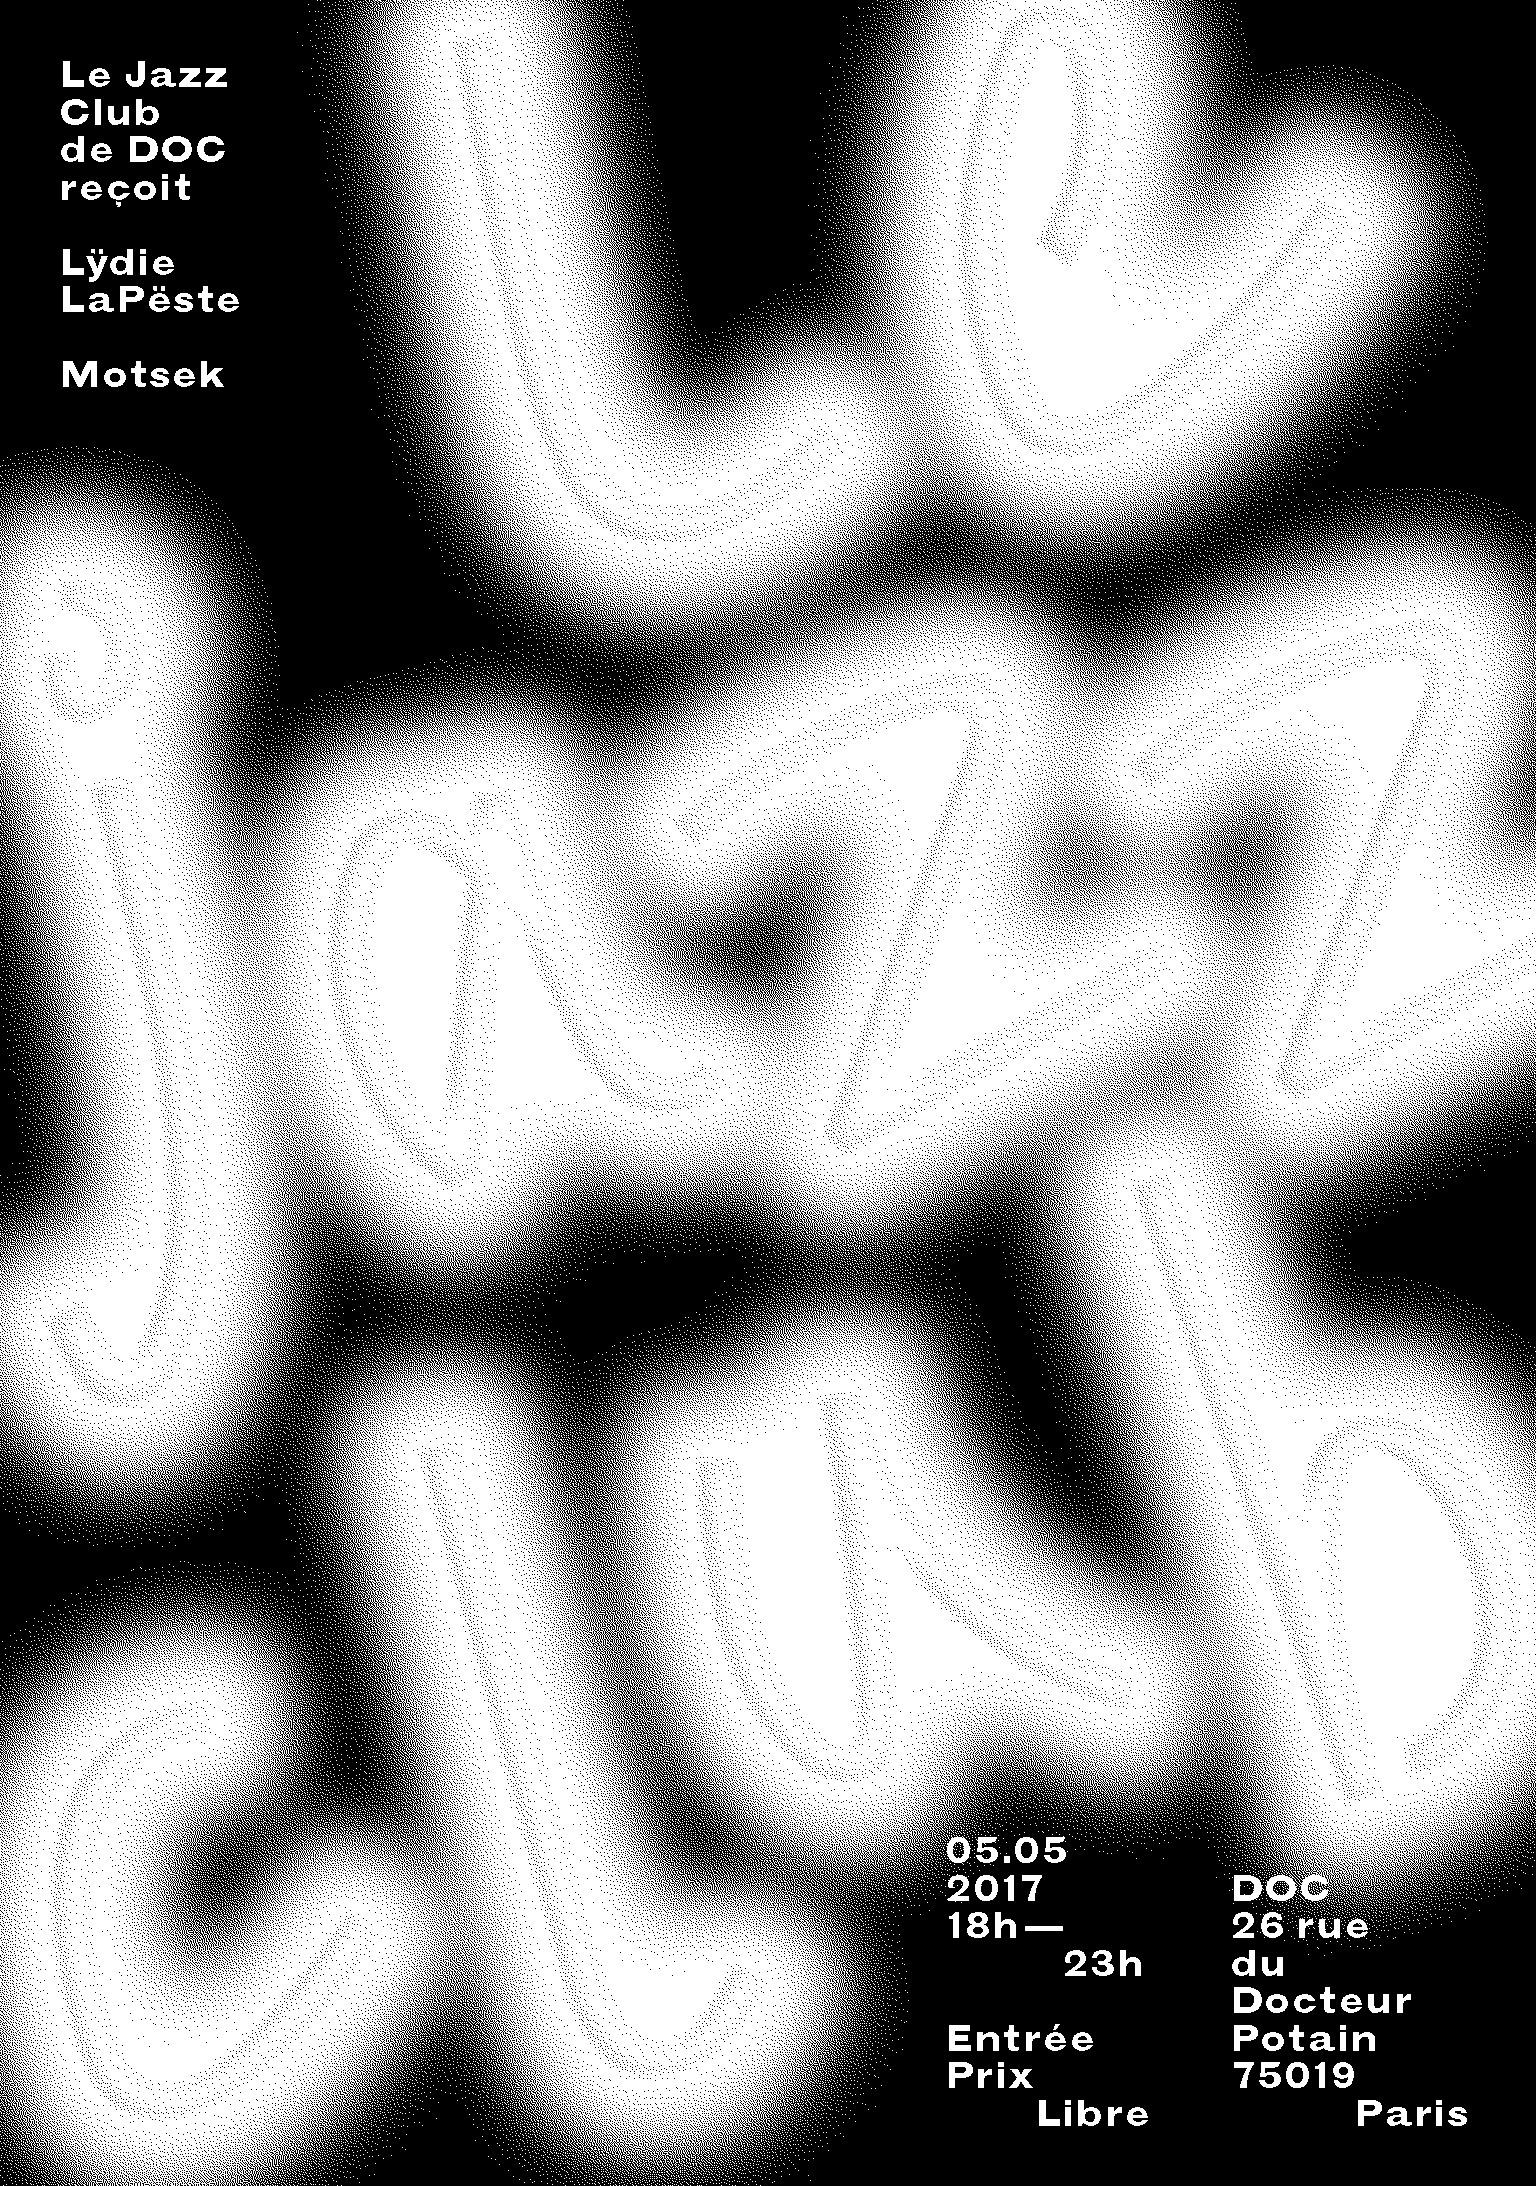 jazzclub_DOC#1